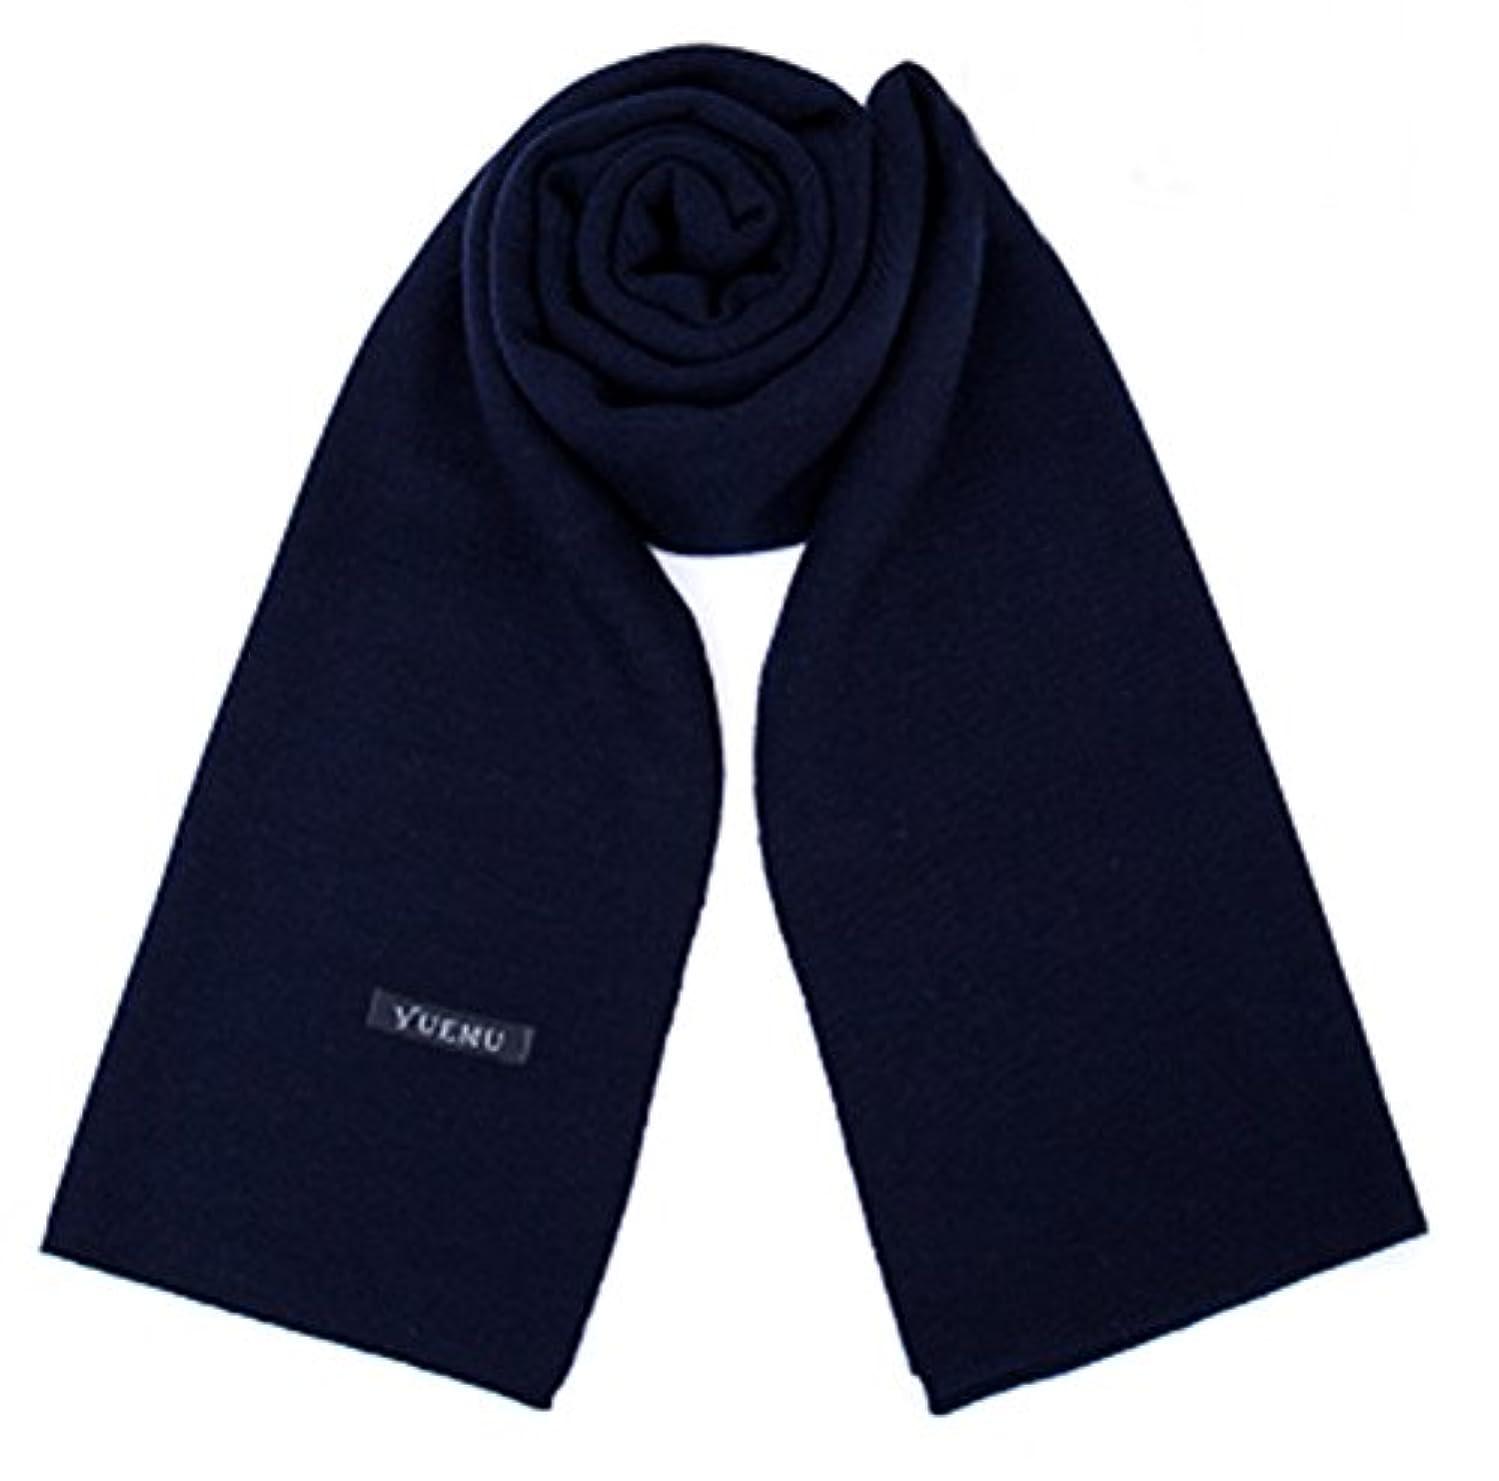 トラック障害区別するアダルト ユニセックス スカーフ/ショール 柔らかい 厚い 冬のスカーフ ウォームスカーフ ファッションスカーフ #29